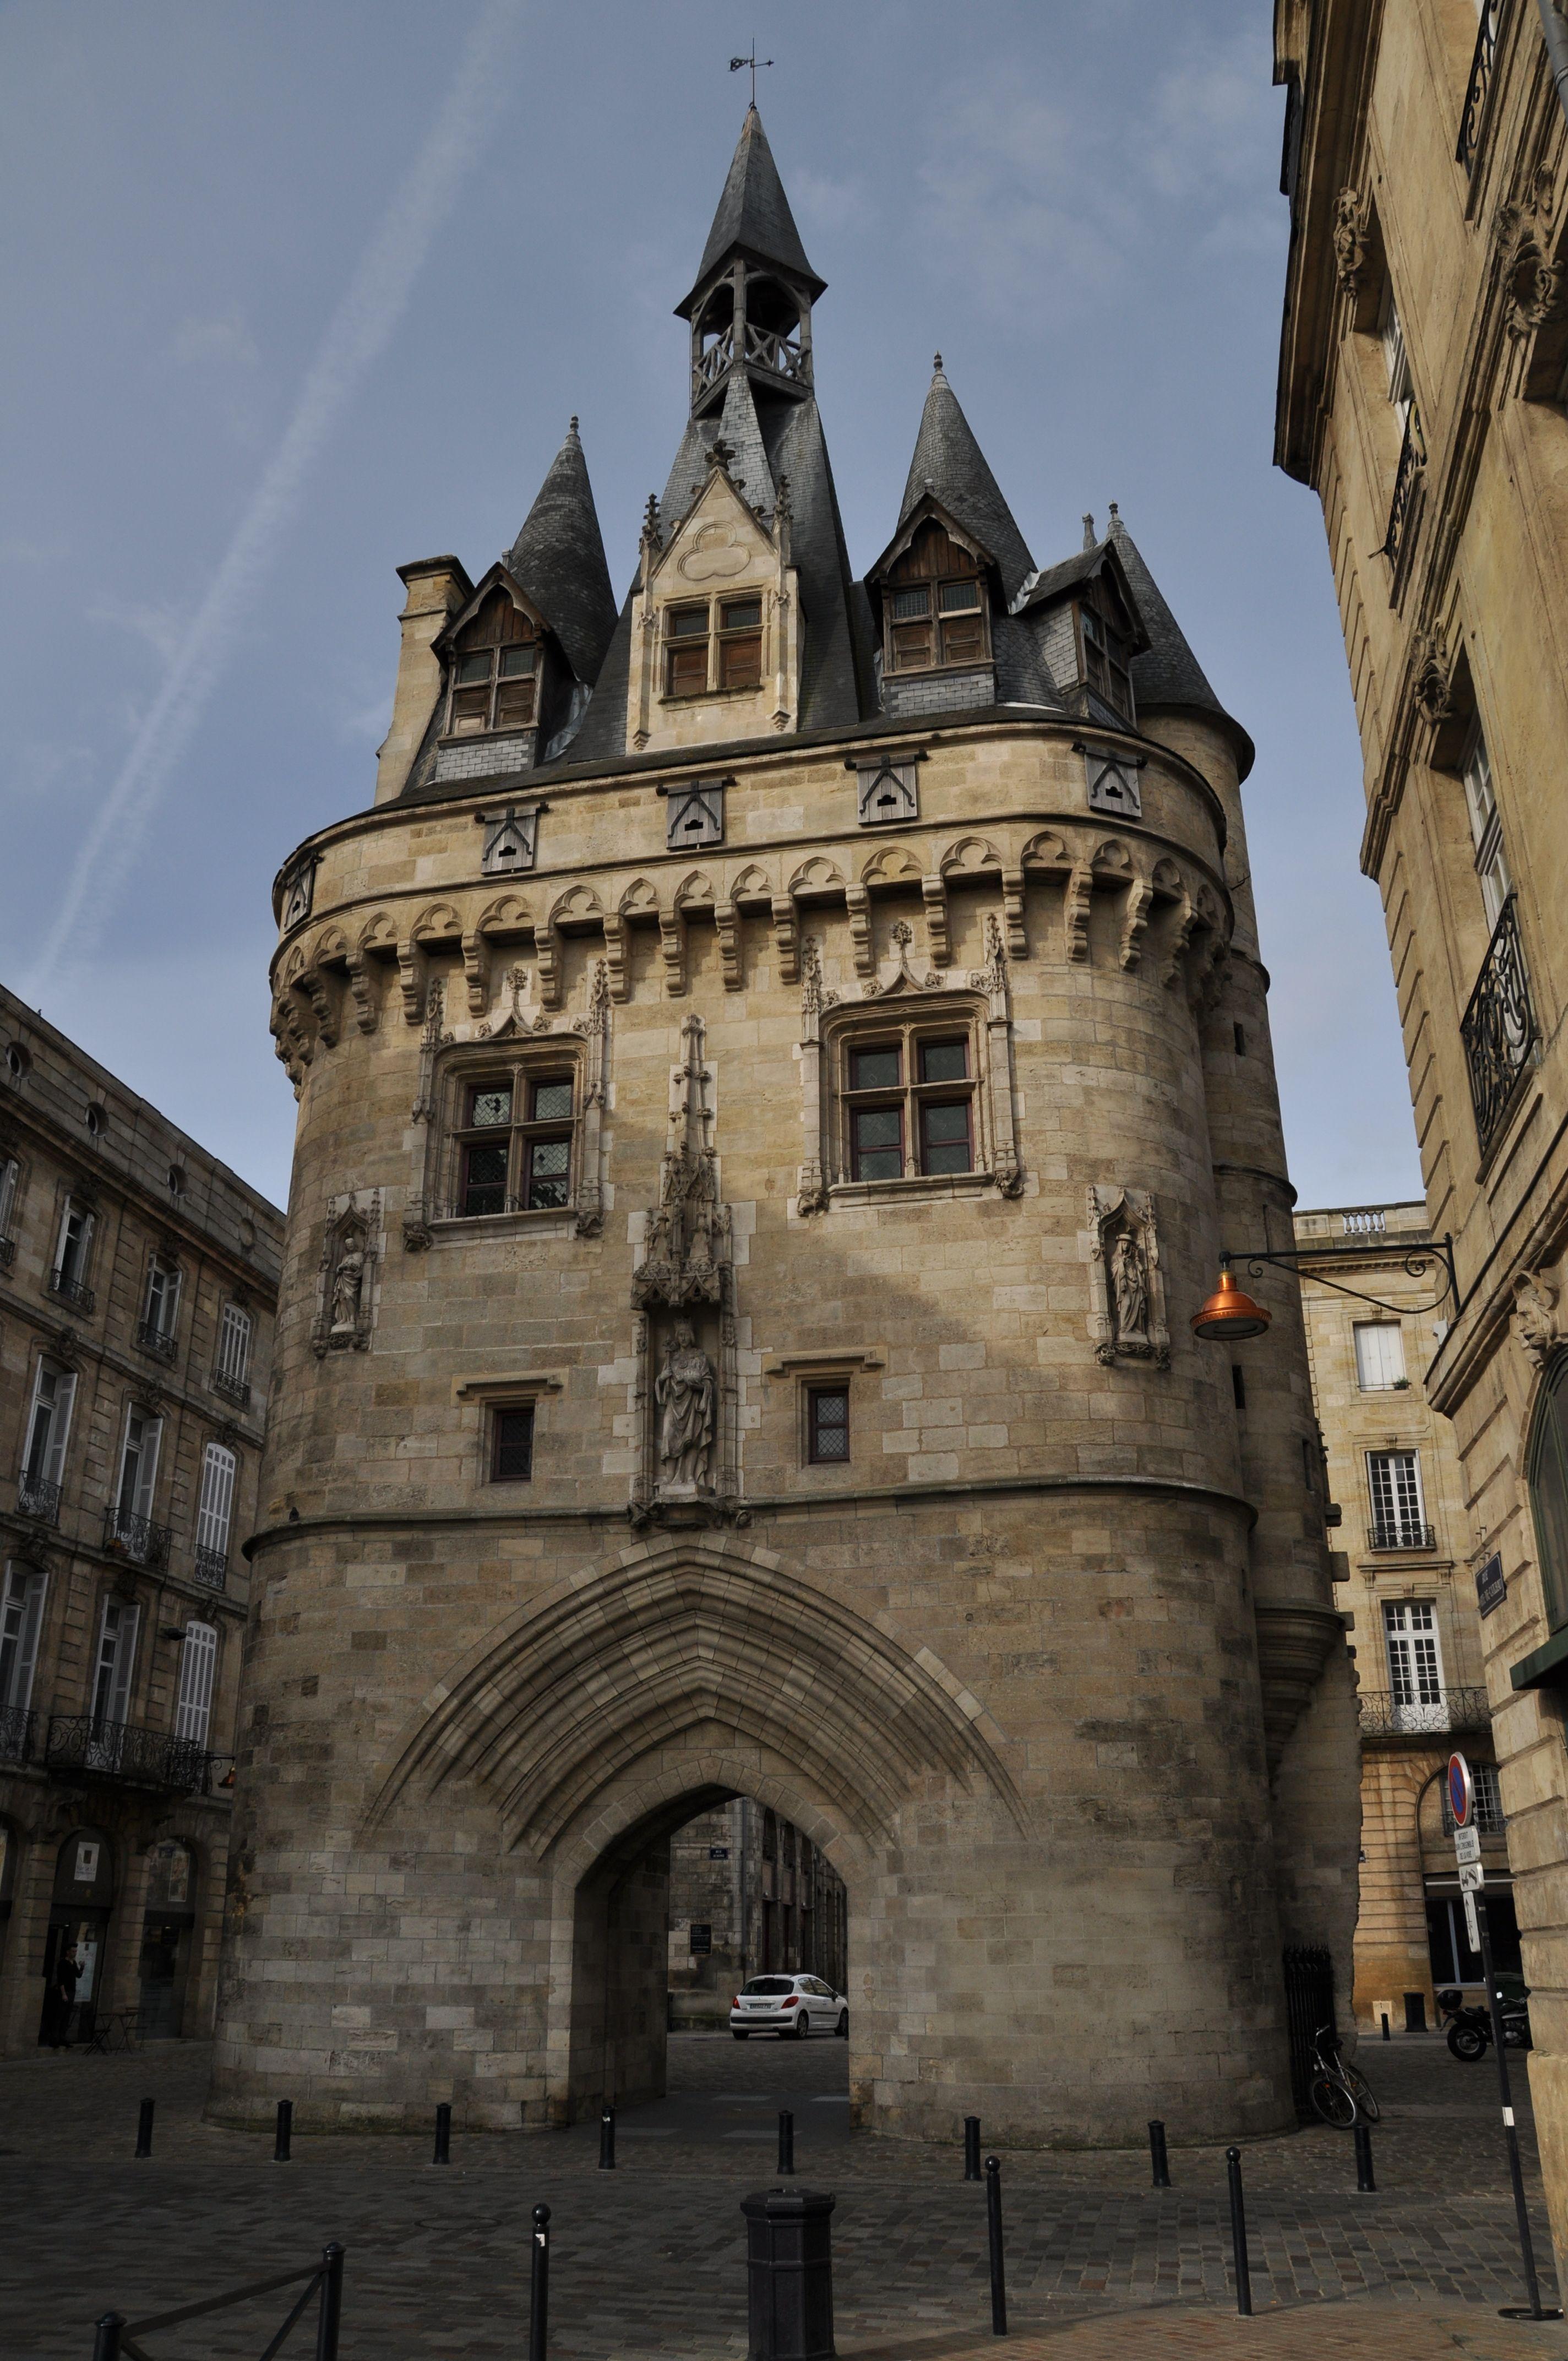 Porte cailhau bordeaux france bordeaux 39 s city gate for Porte cailhau